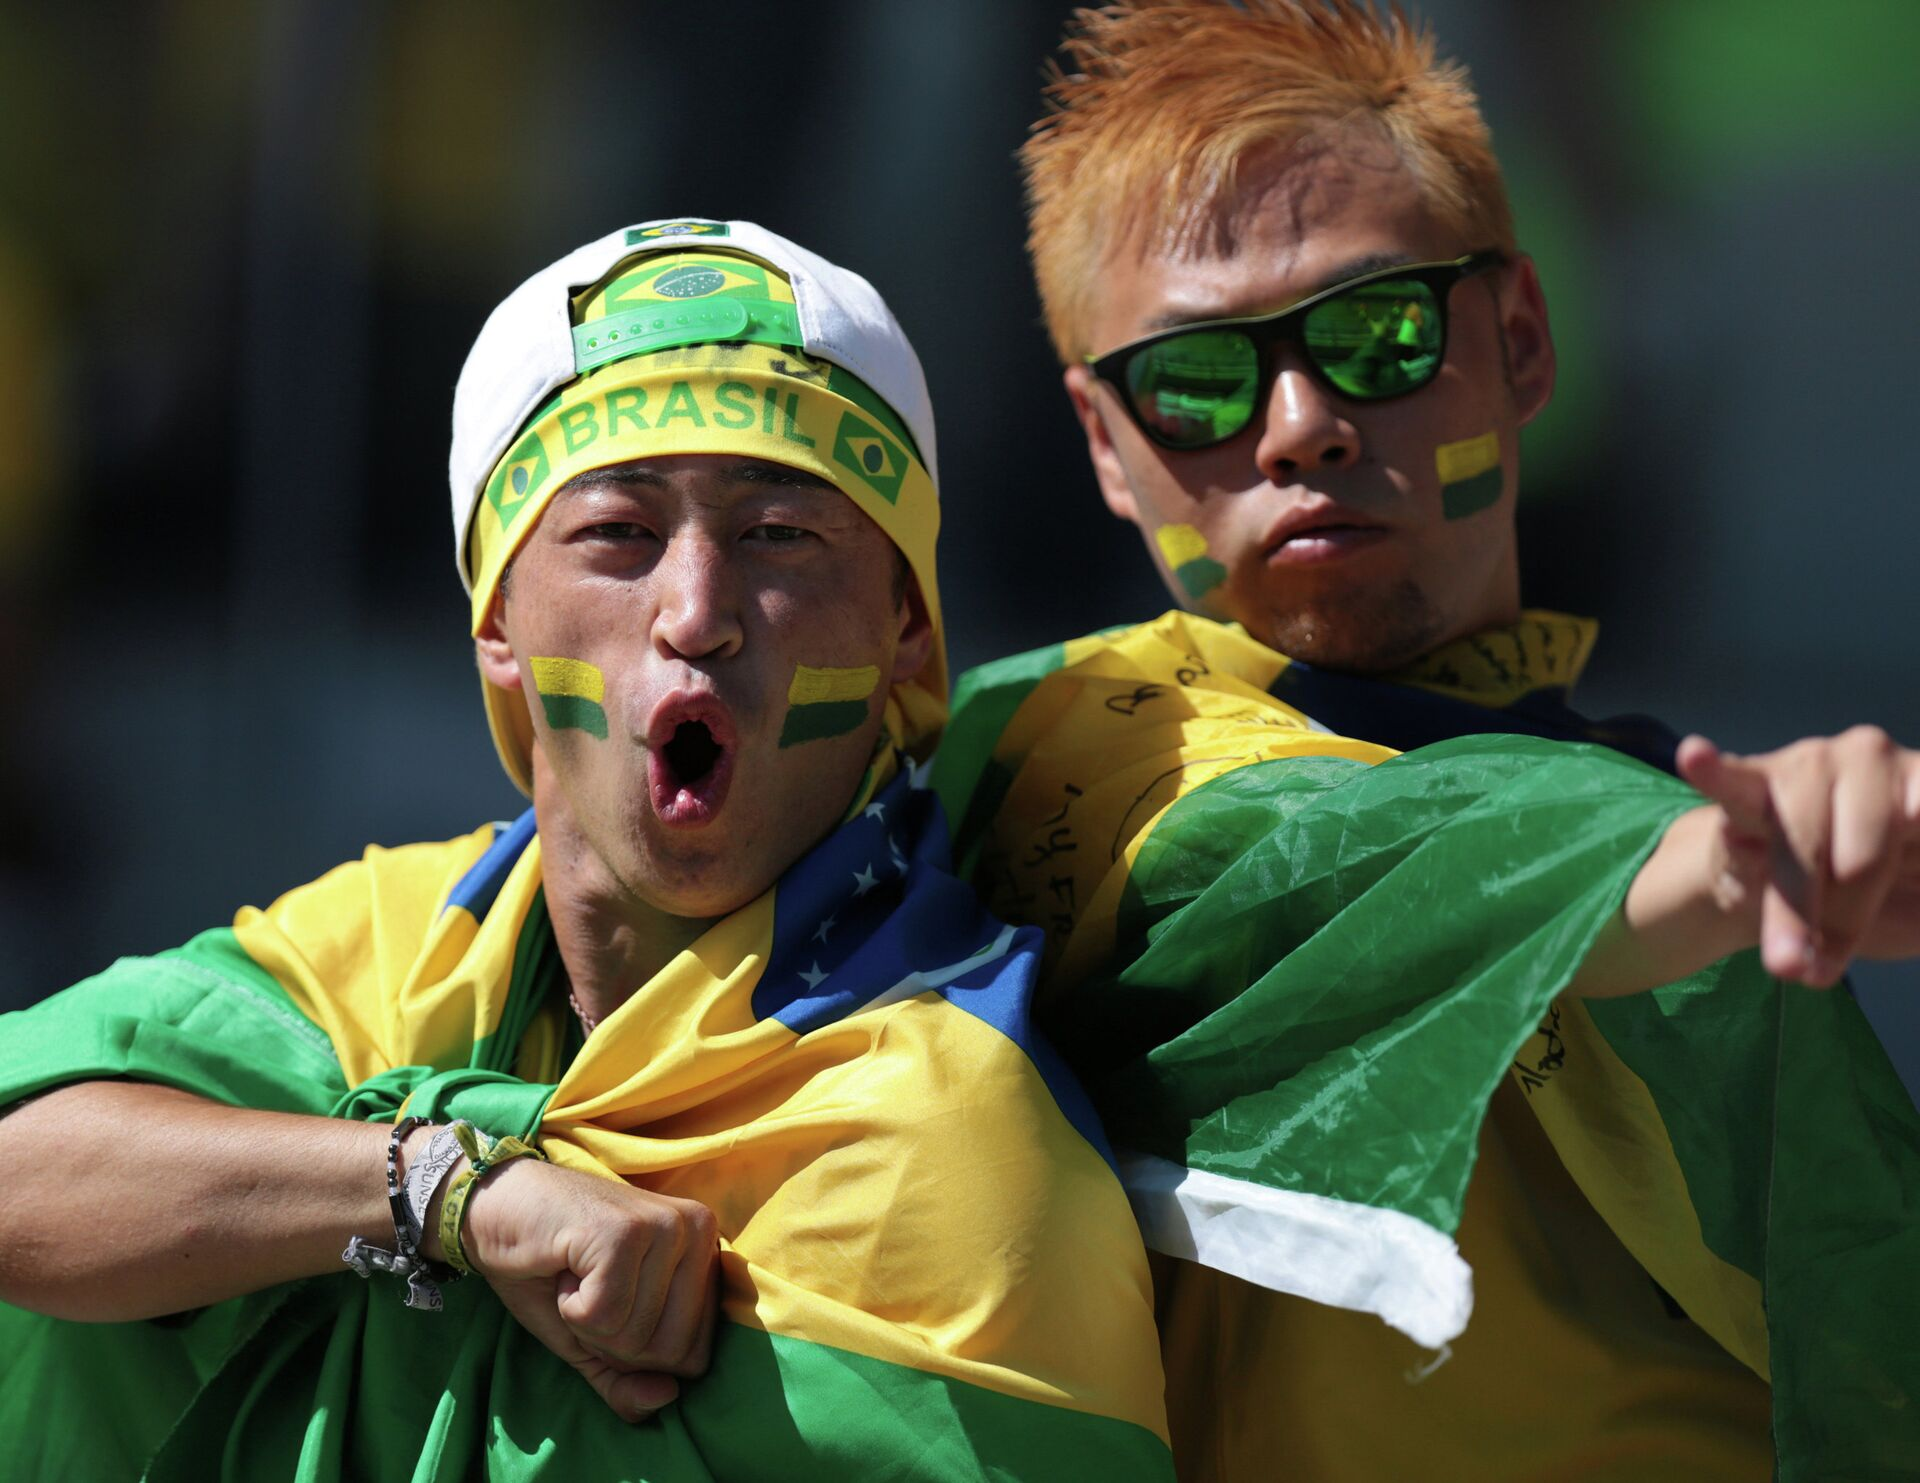 Болельщики сборной Бразилии. Матч Бразилия - Чили - РИА Новости, 1920, 09.04.2021